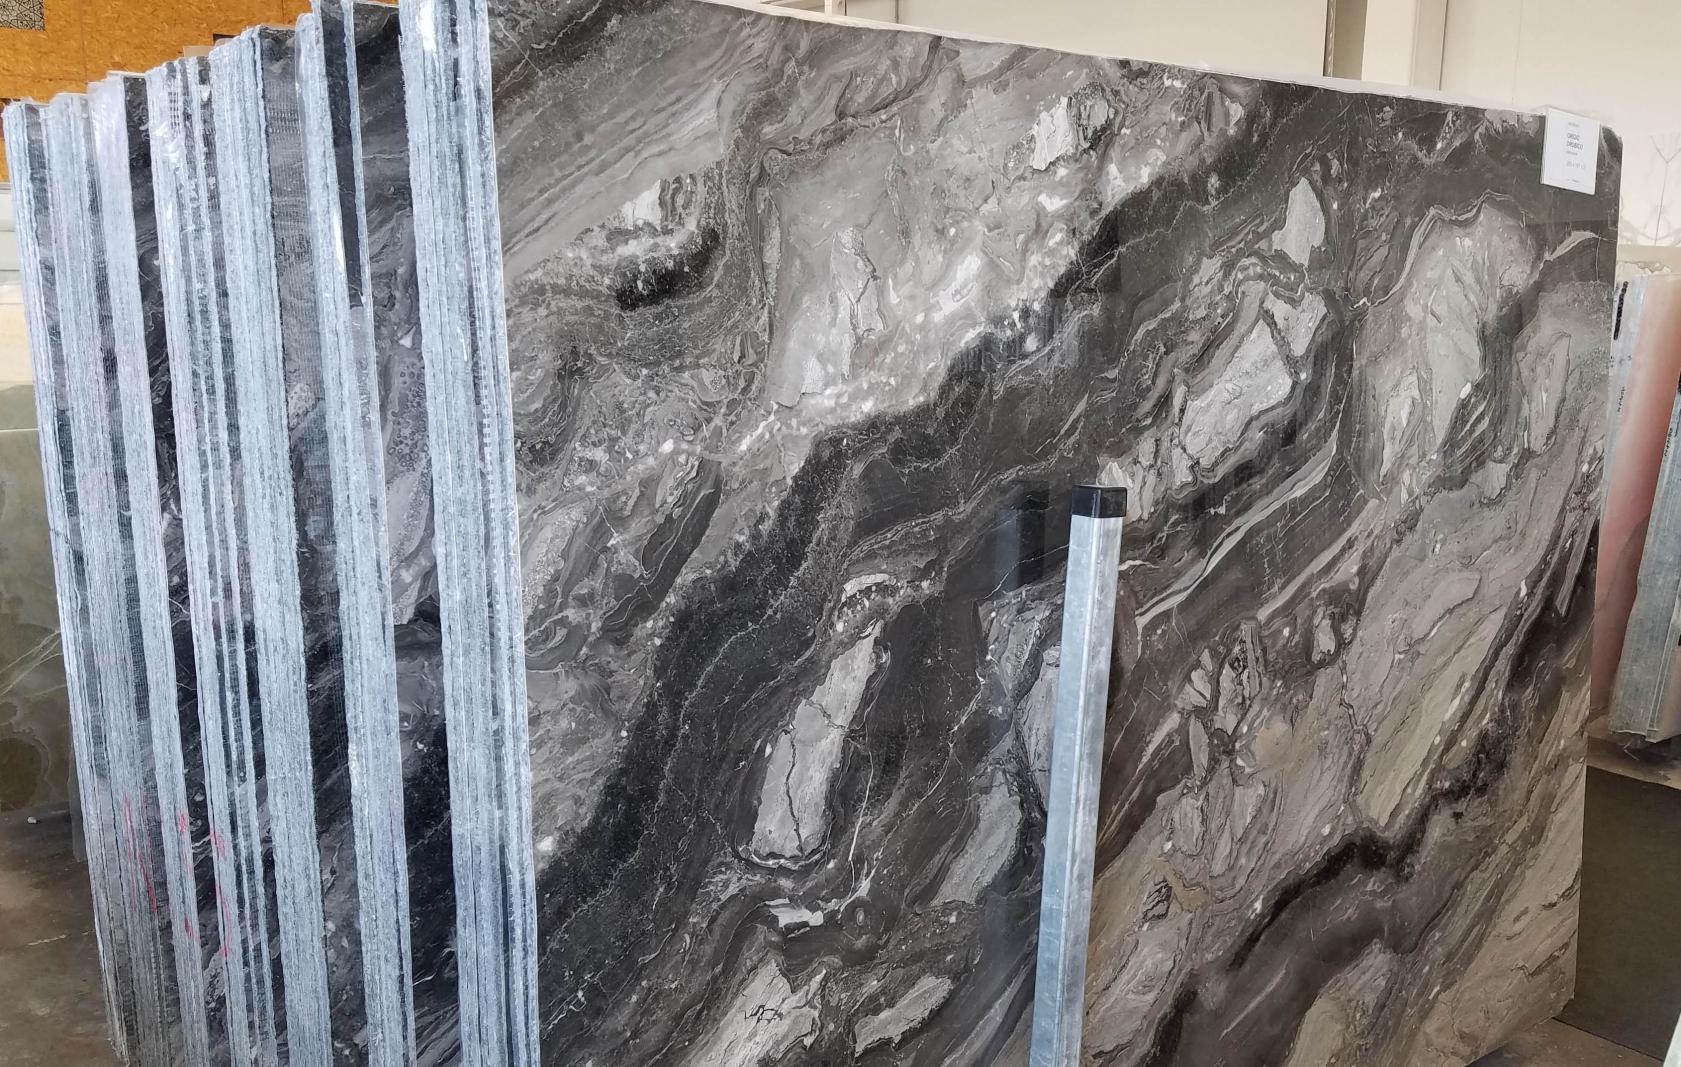 GRIGIO OROBICO Suministro Veneto (Italia) de planchas pulidas en mármol natural AA T0044A